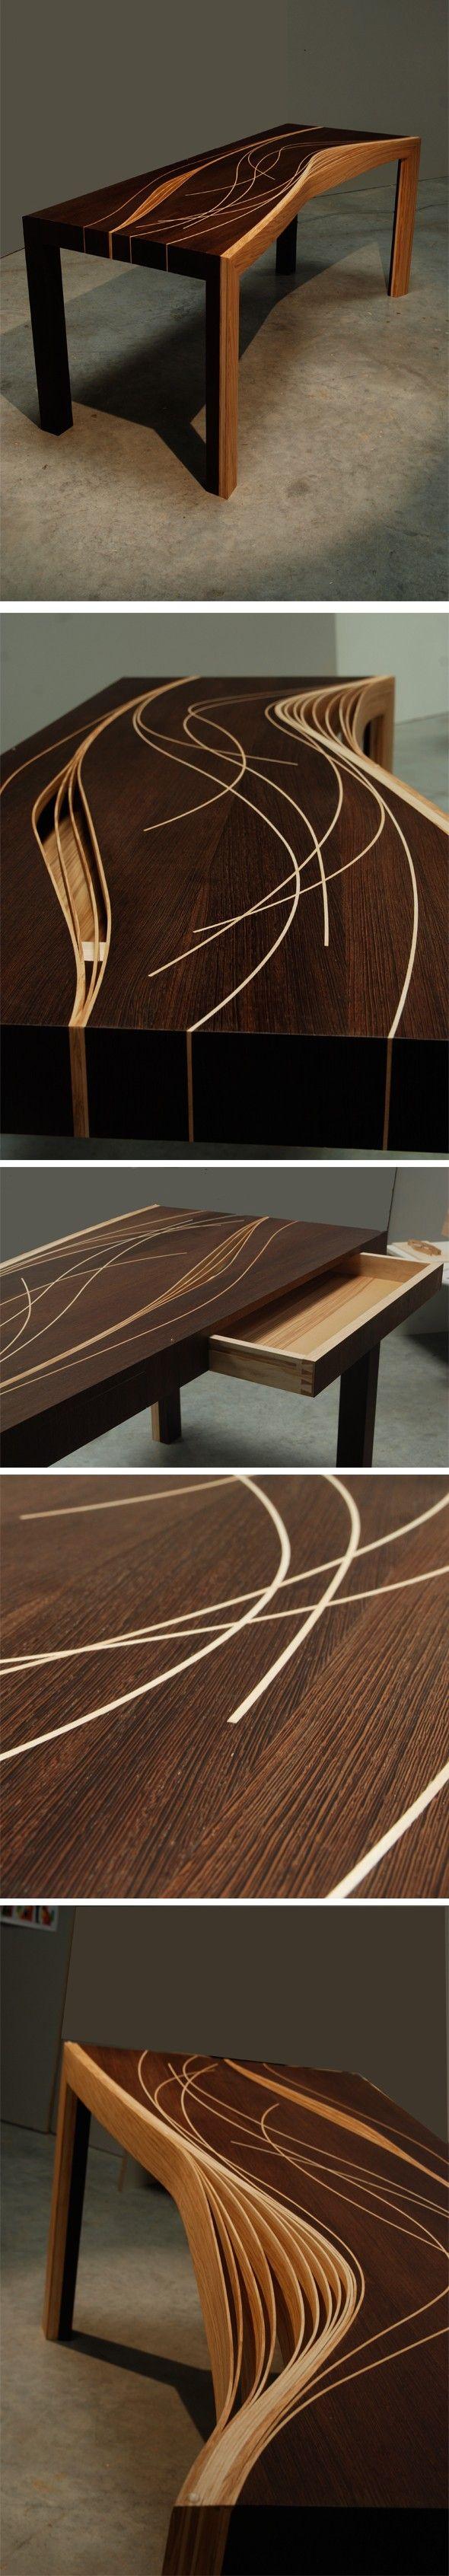 Bureau en bois d 39 aur lien fraisse mobilier pinterest m bel holz et ausgefallene m bel - Ebeniste designer meubles ...